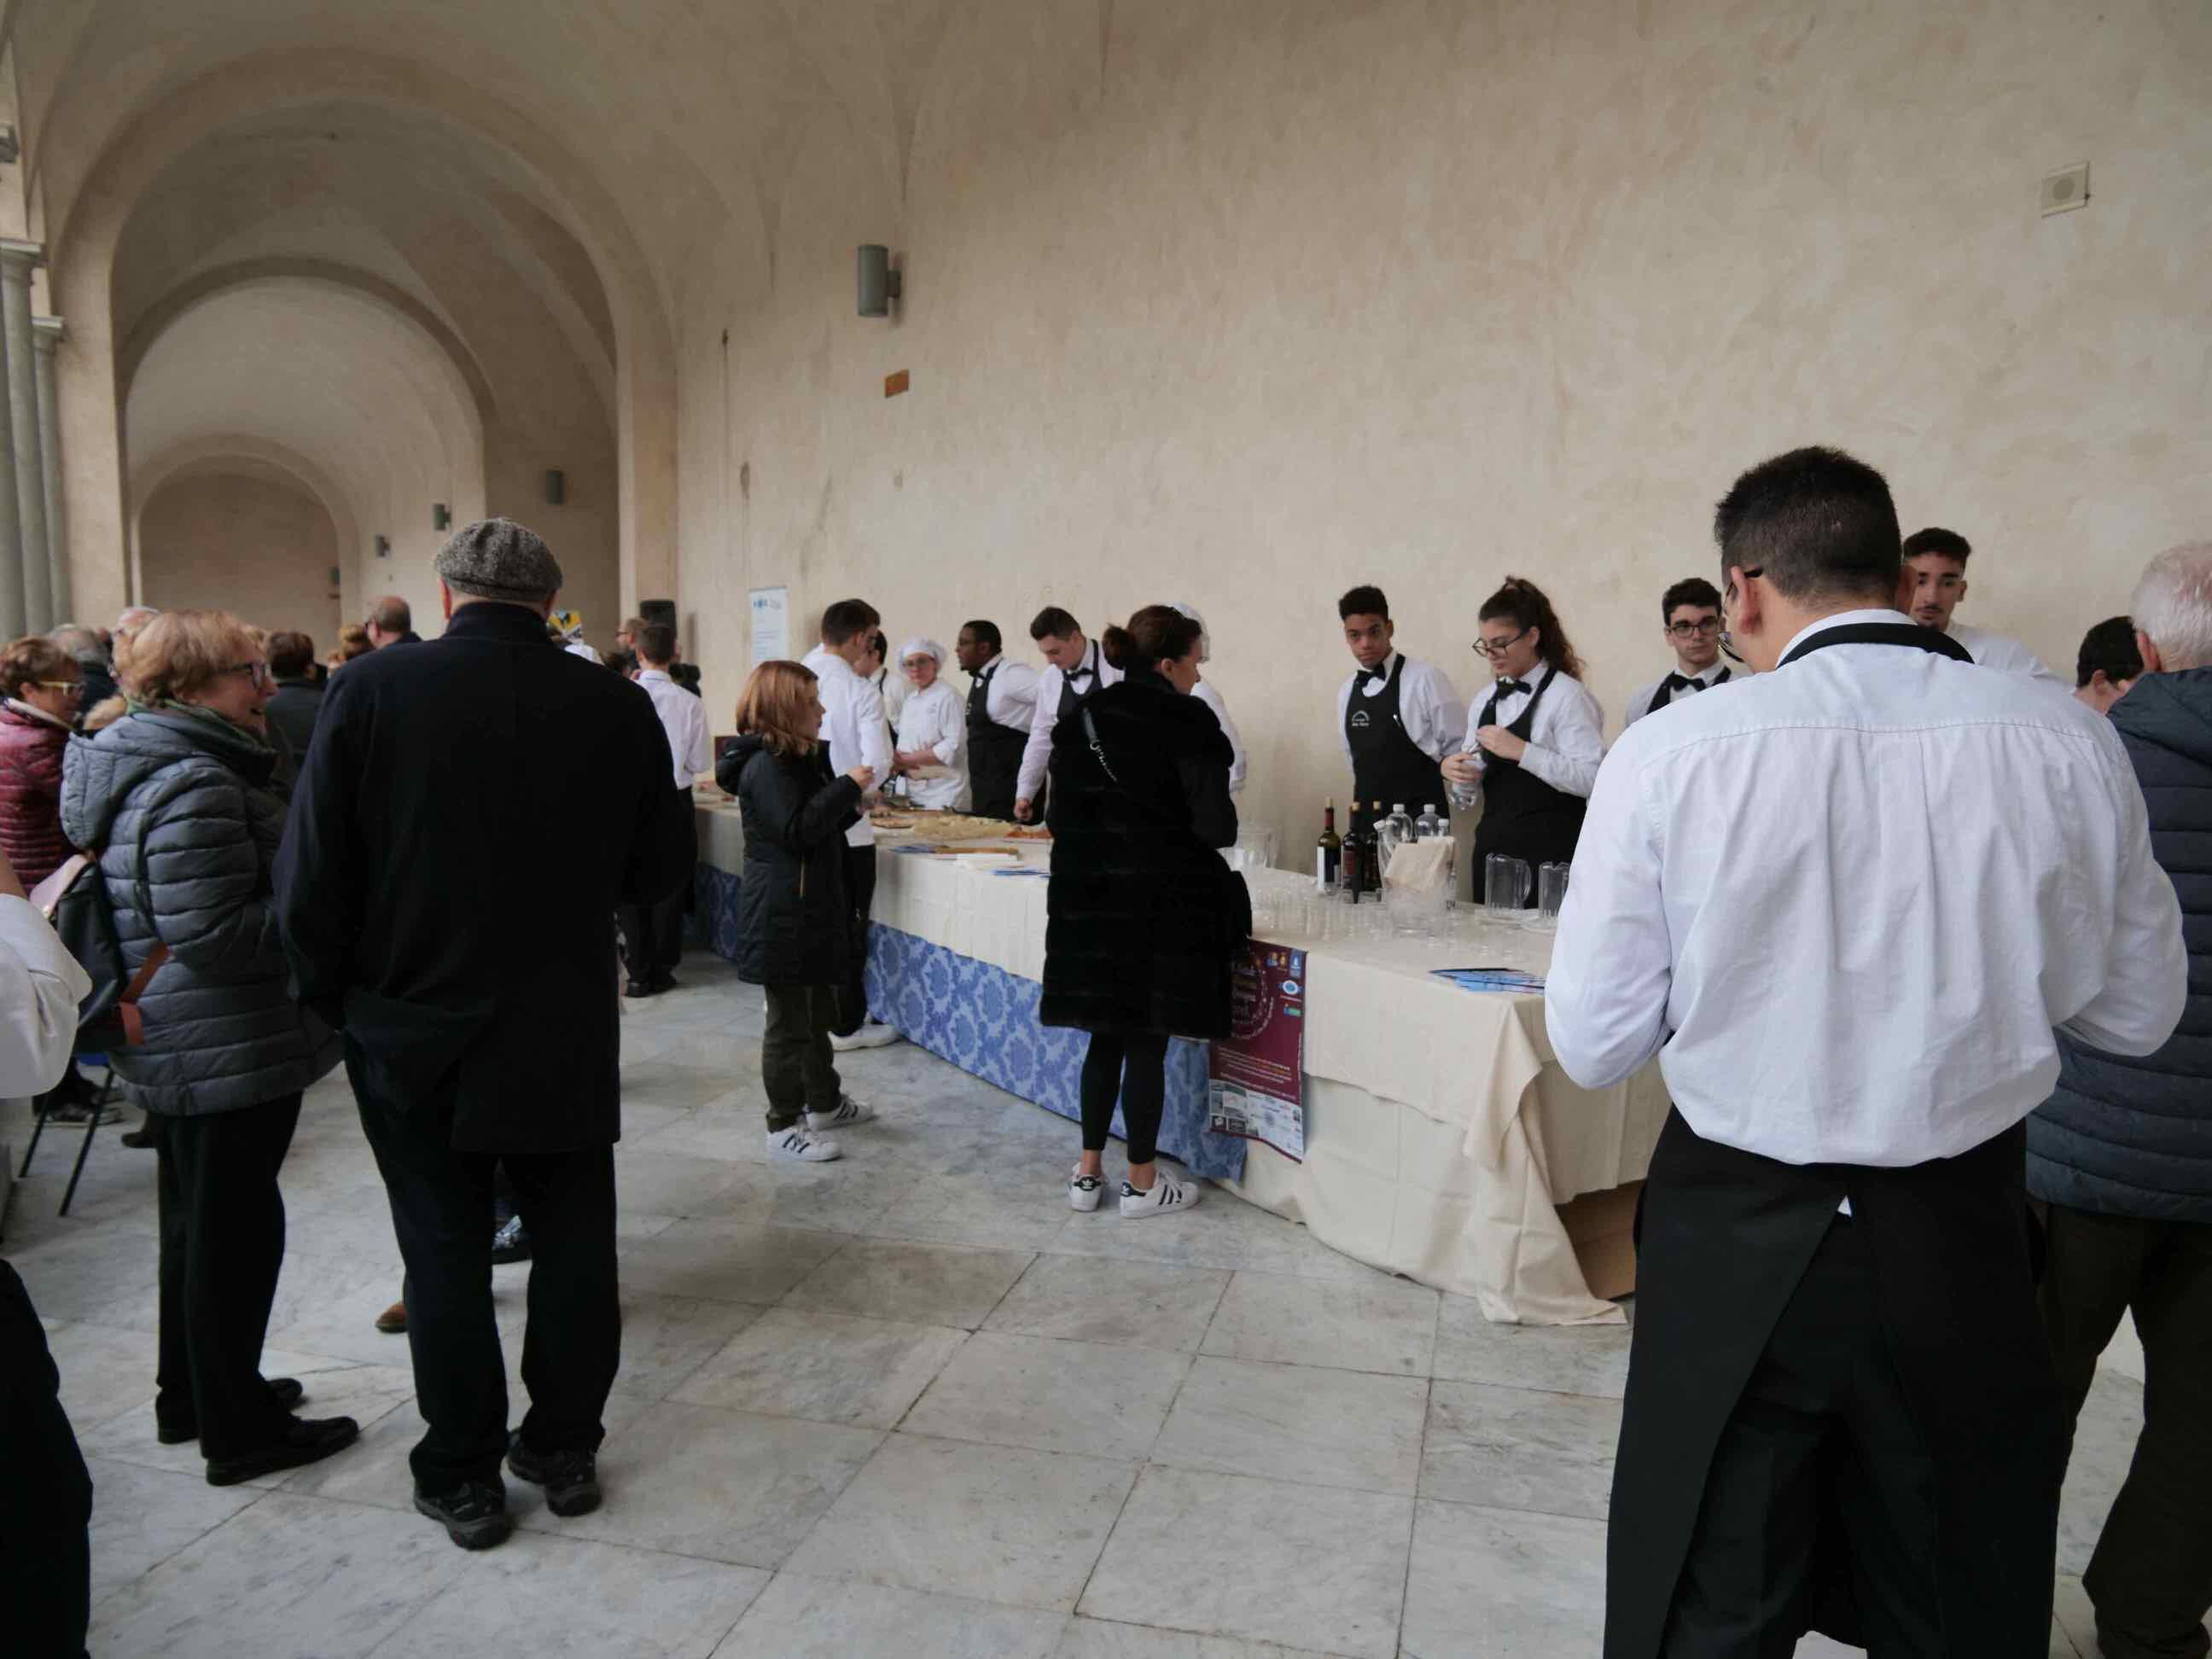 Torneo di pesto al mortaio e aperitivo di beneficienza a cura della Scuola Alberghiera di Lavagna - 5